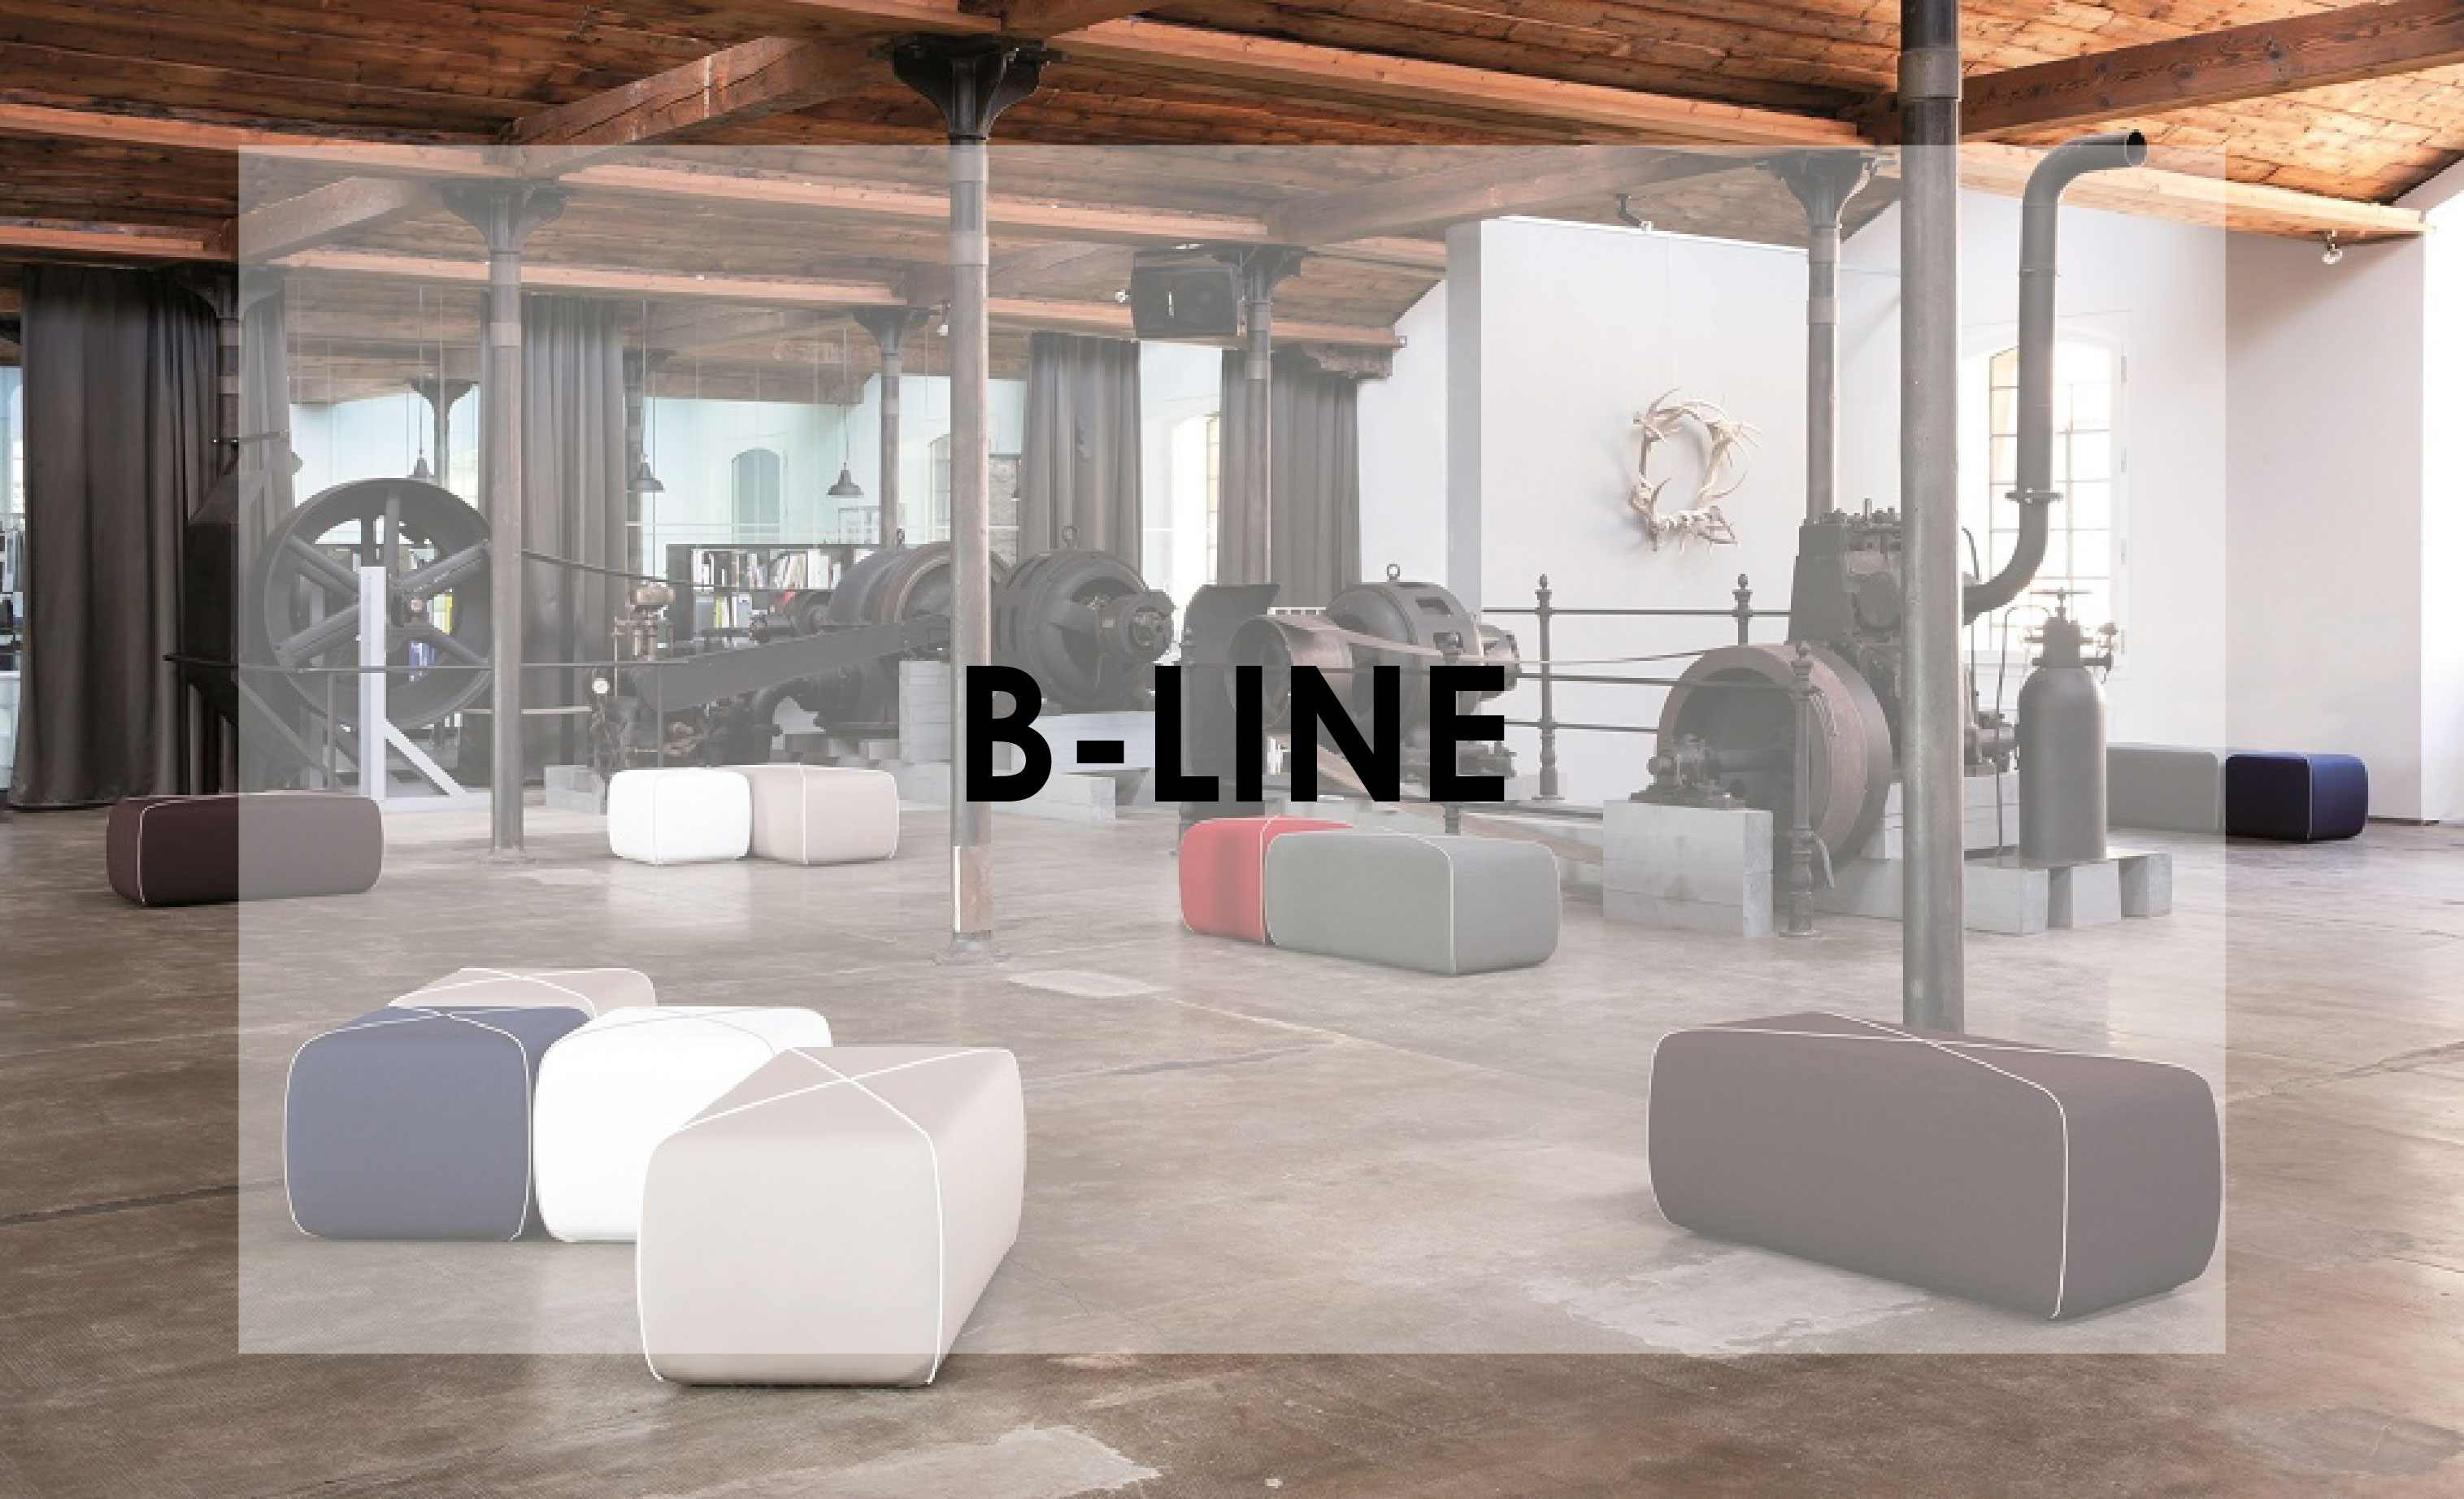 B-line.jpg